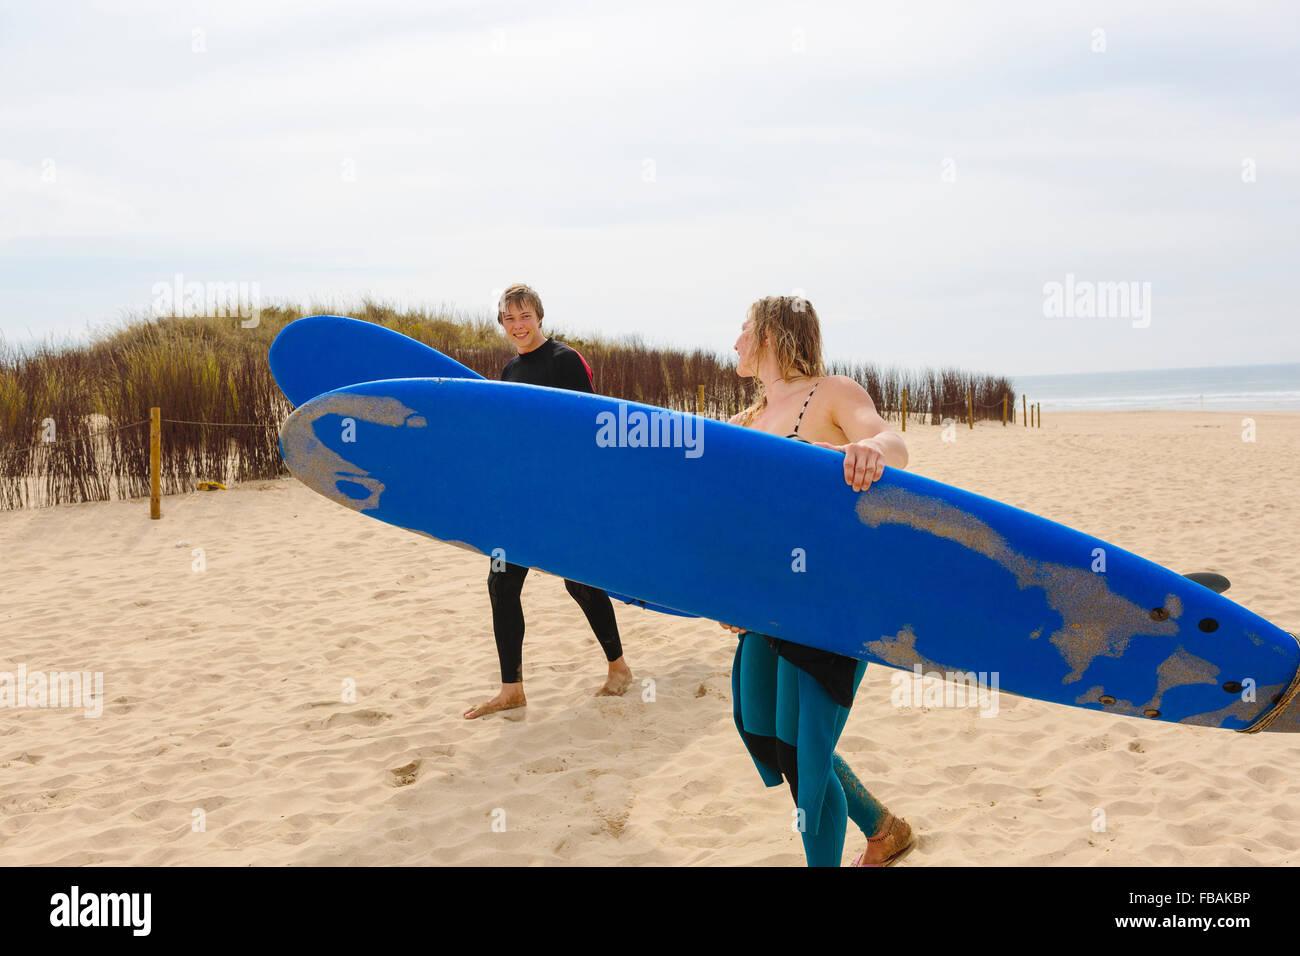 Portugal, Lissabon, zwei Menschen, die die Surfbretter am Strand Stockbild